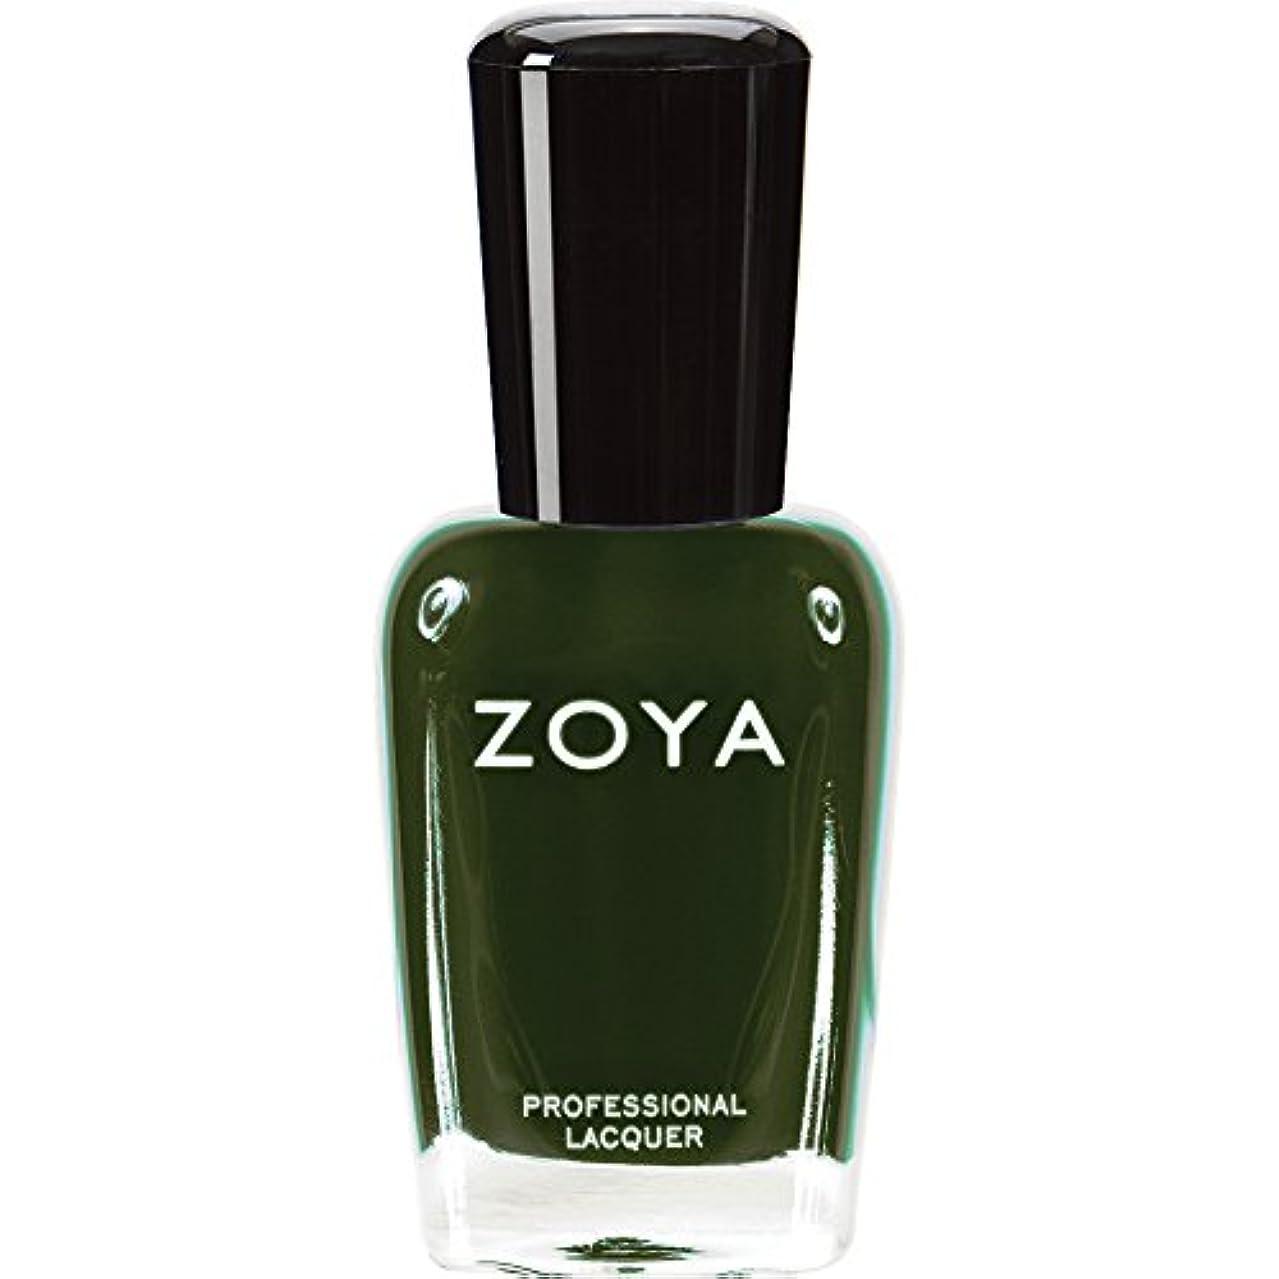 キャンドルカジュアルコテージZOYA ゾーヤ ネイルカラーZP490(ENVY) エンヴィー 15ml 深いダークグリーン マット/クリーム 爪にやさしいネイルポリッシュマニキュア